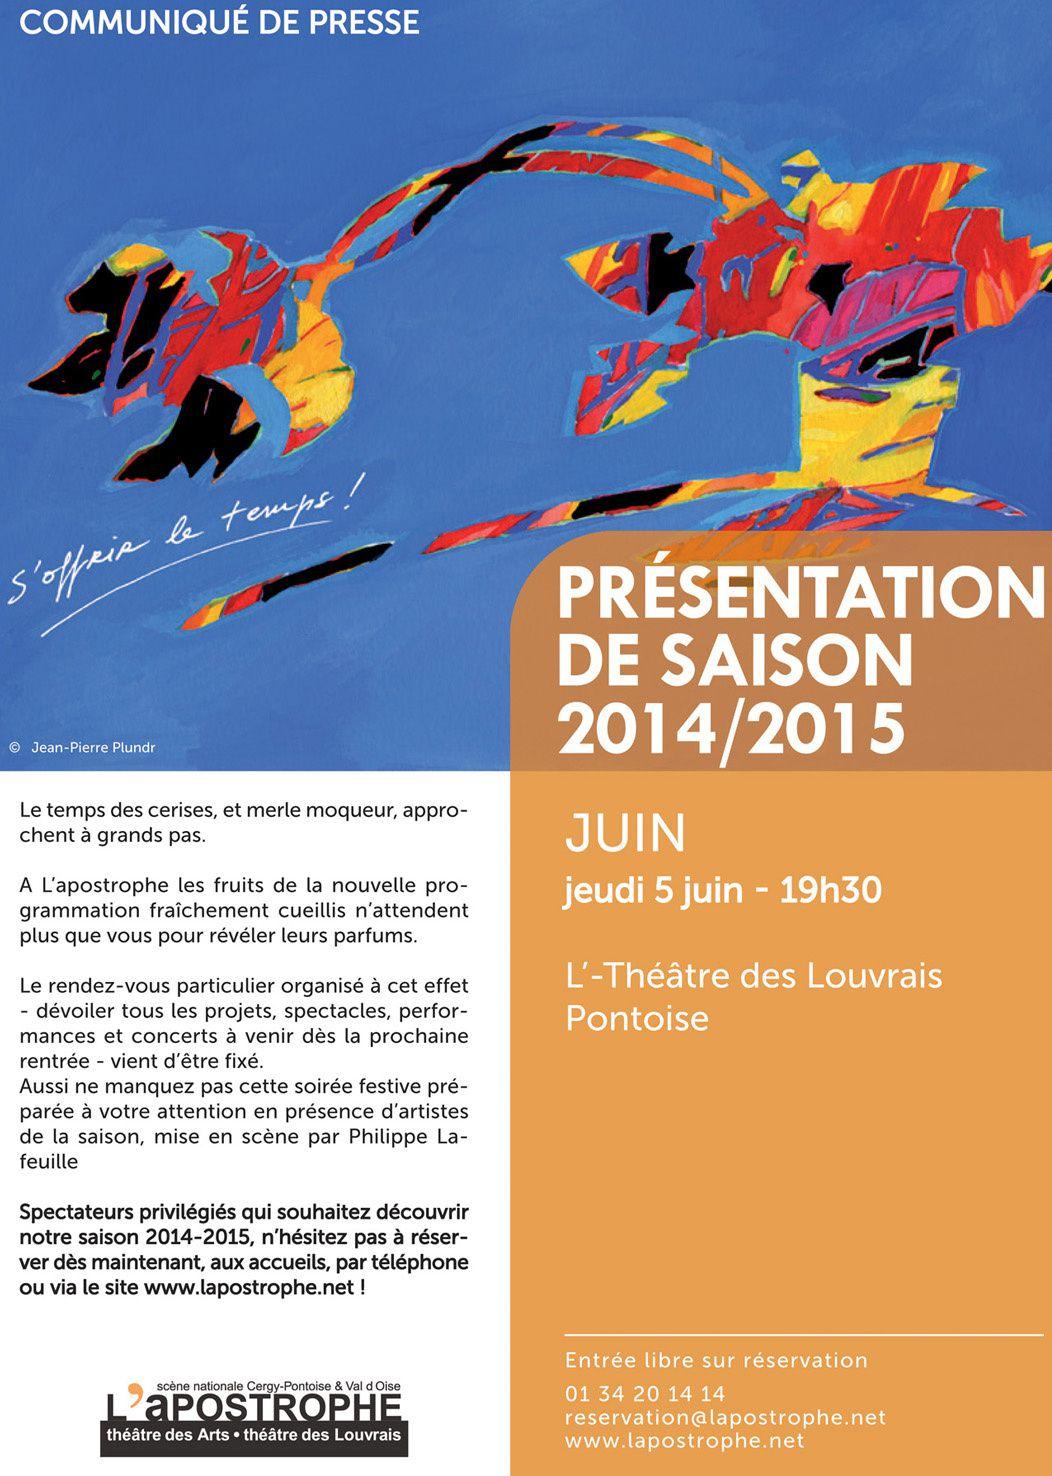 Lancement de la saison 2014/2015 du théâtre des Louvrais Pontoise